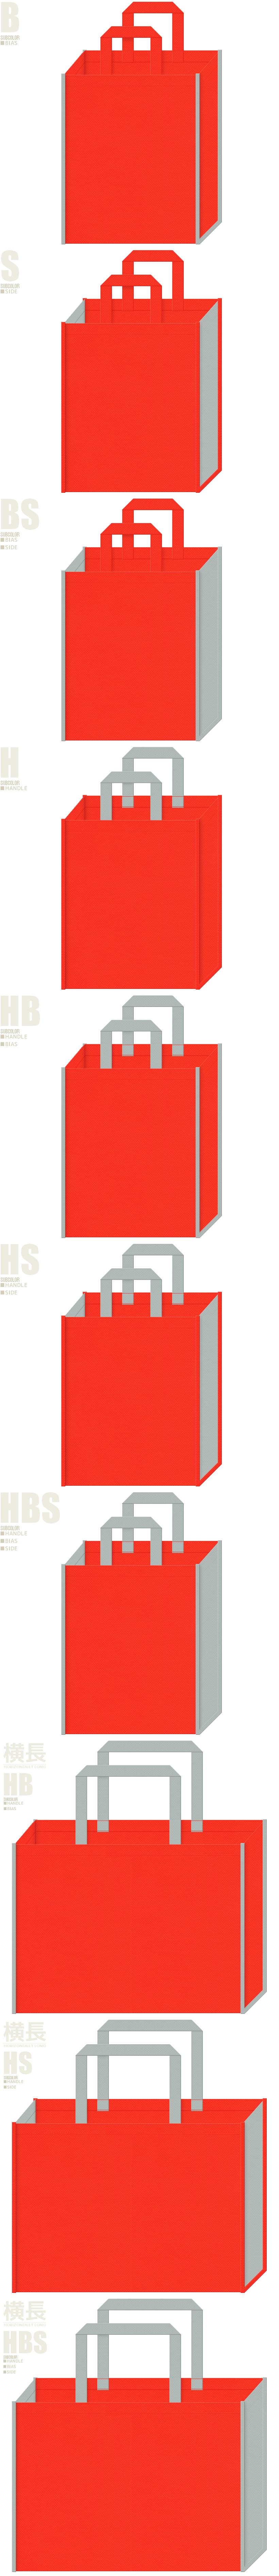 ロボット・ラジコン・プラモデル・ホビーのショッピングバッグにお奨めの不織布バッグデザイン:オレンジ色とグレー色の配色7パターン